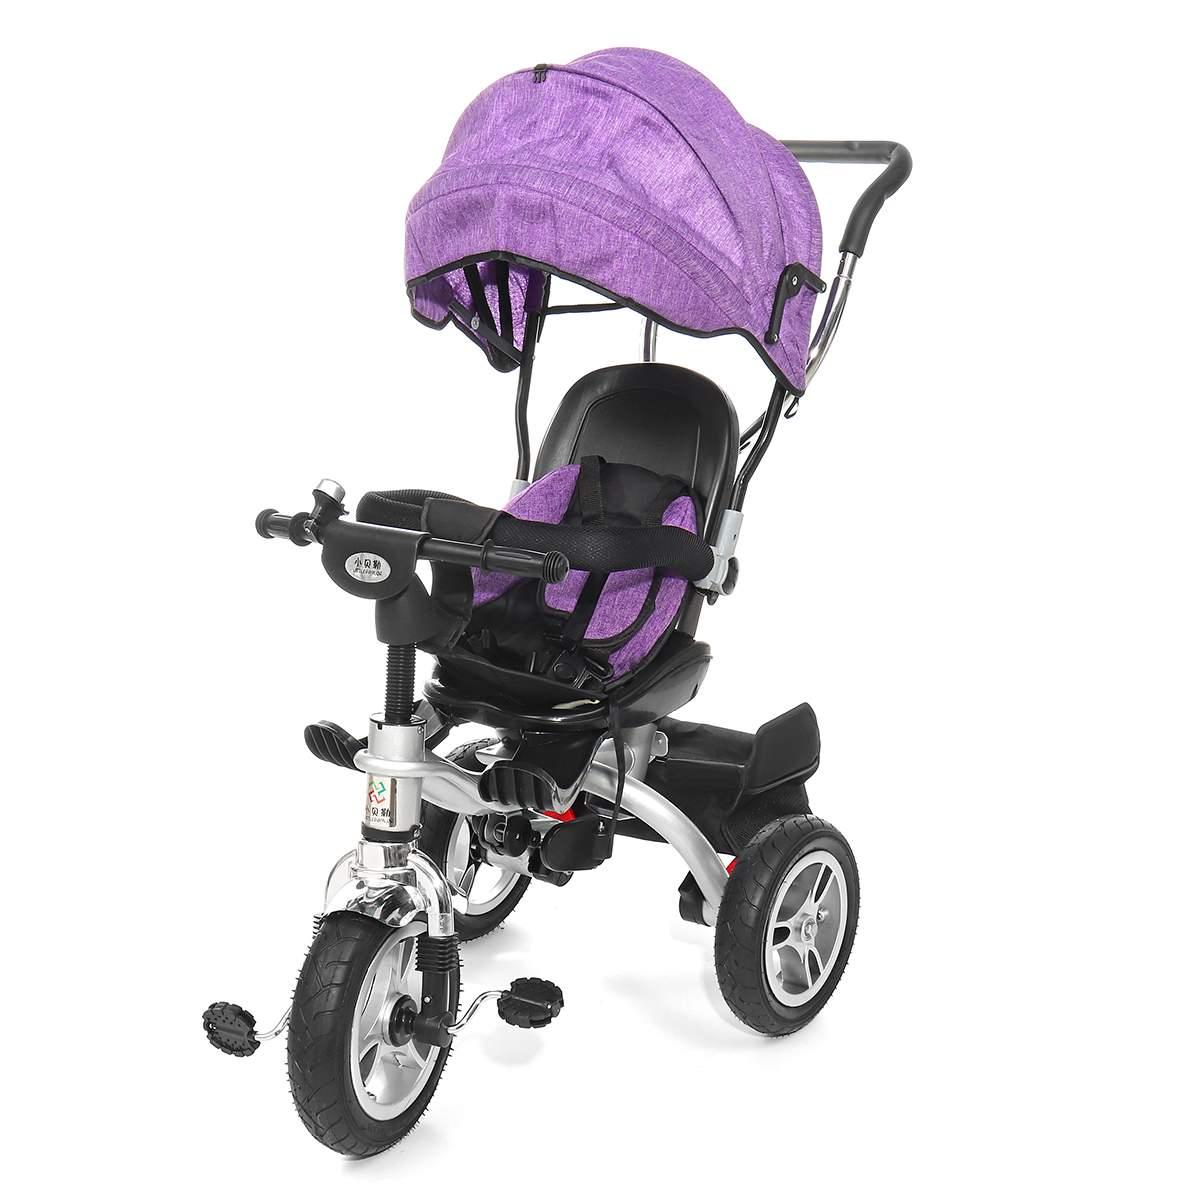 4 en 1 bébé enfants inverse enfant en bas âge Tricycle vélo Trike Ride-On jouets poussette landau trois roues poussette activité de plein air